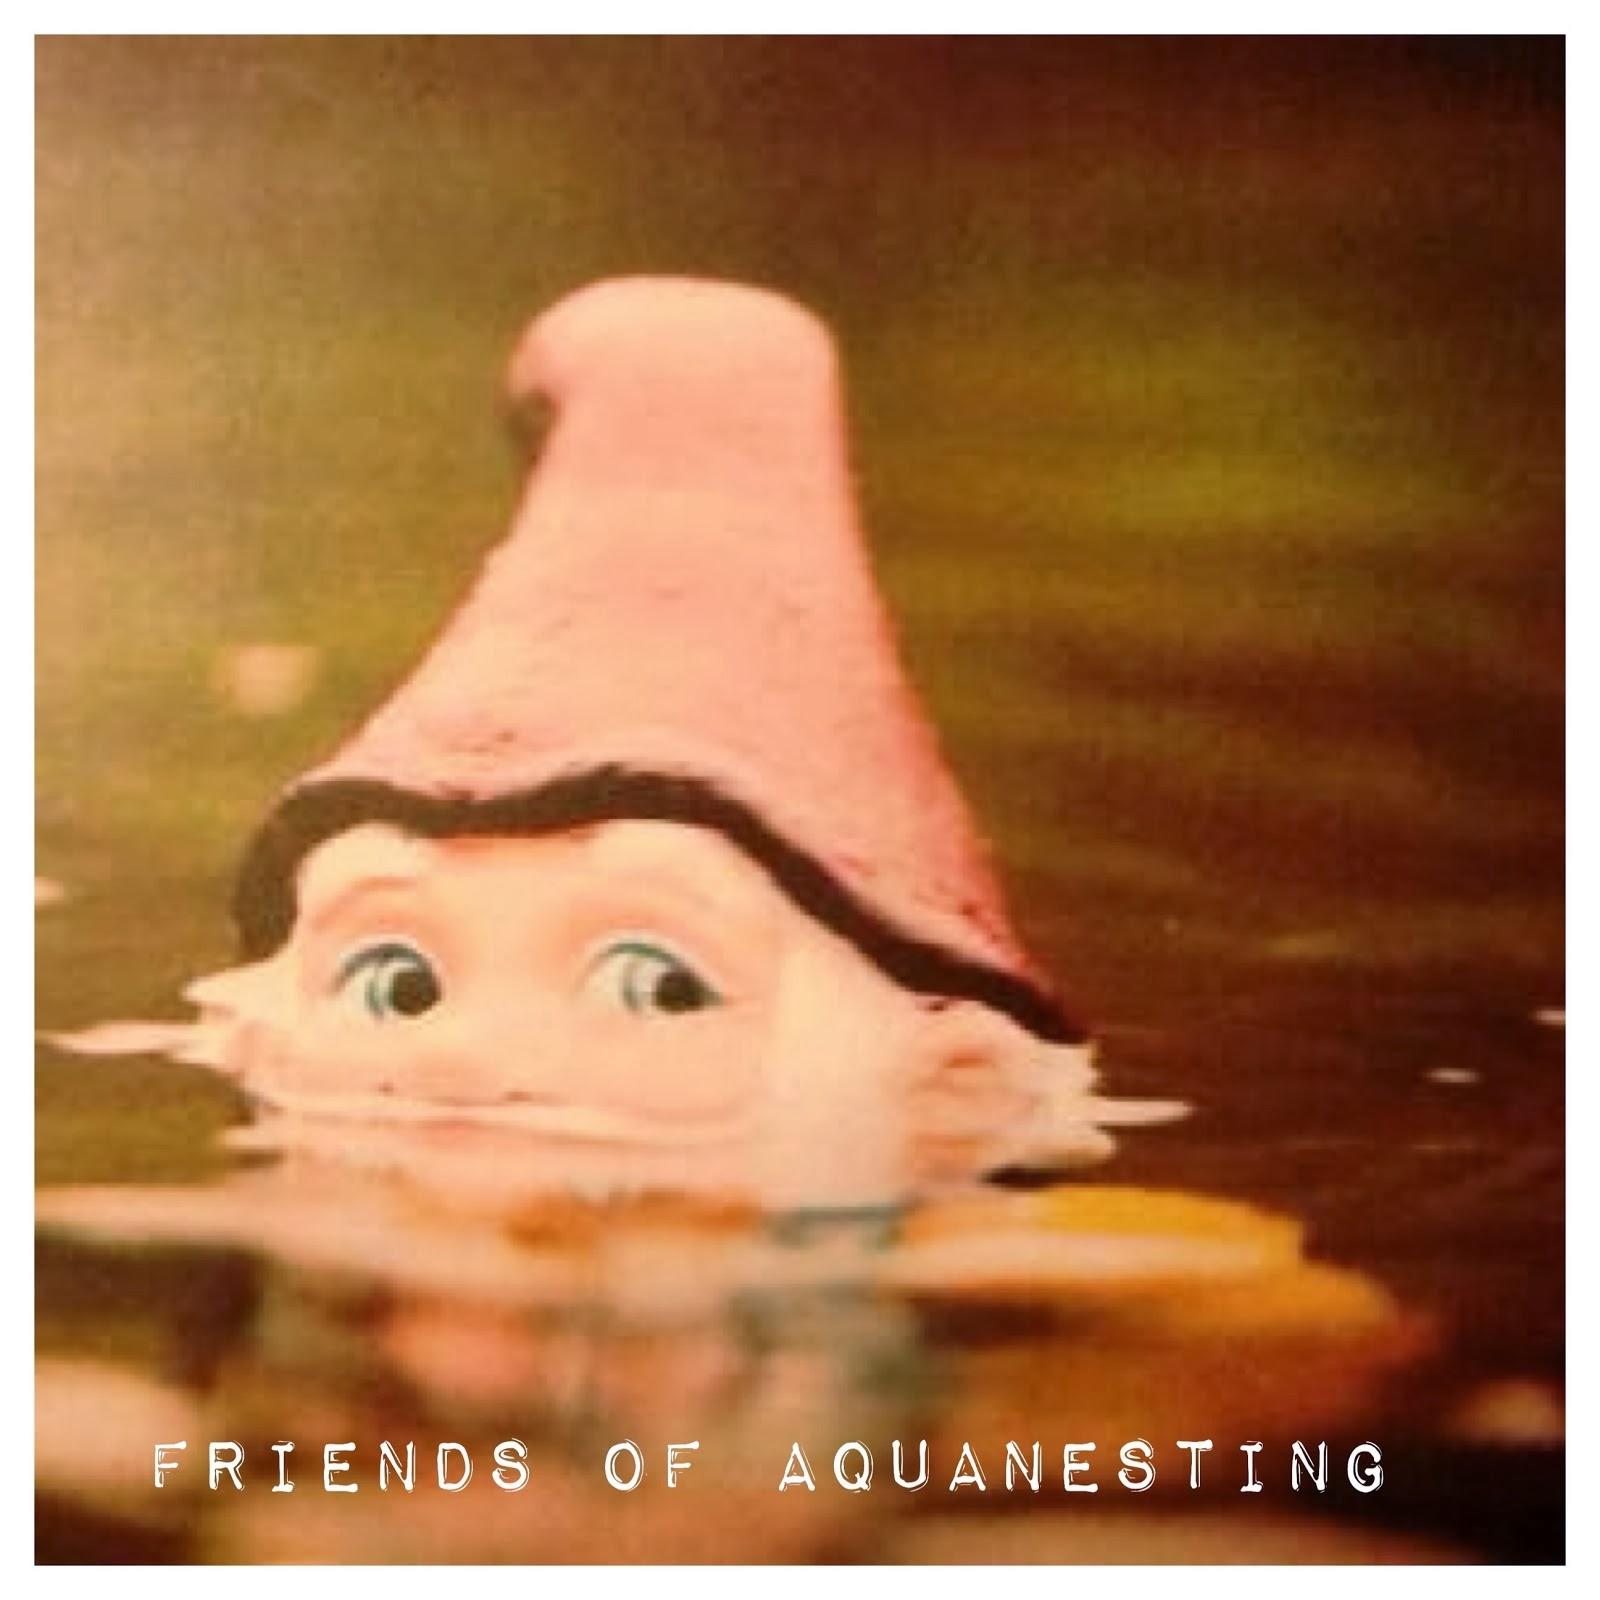 Febbraio 2019: Friends of Aquanesting dal 22 al 24 febbraio 2019